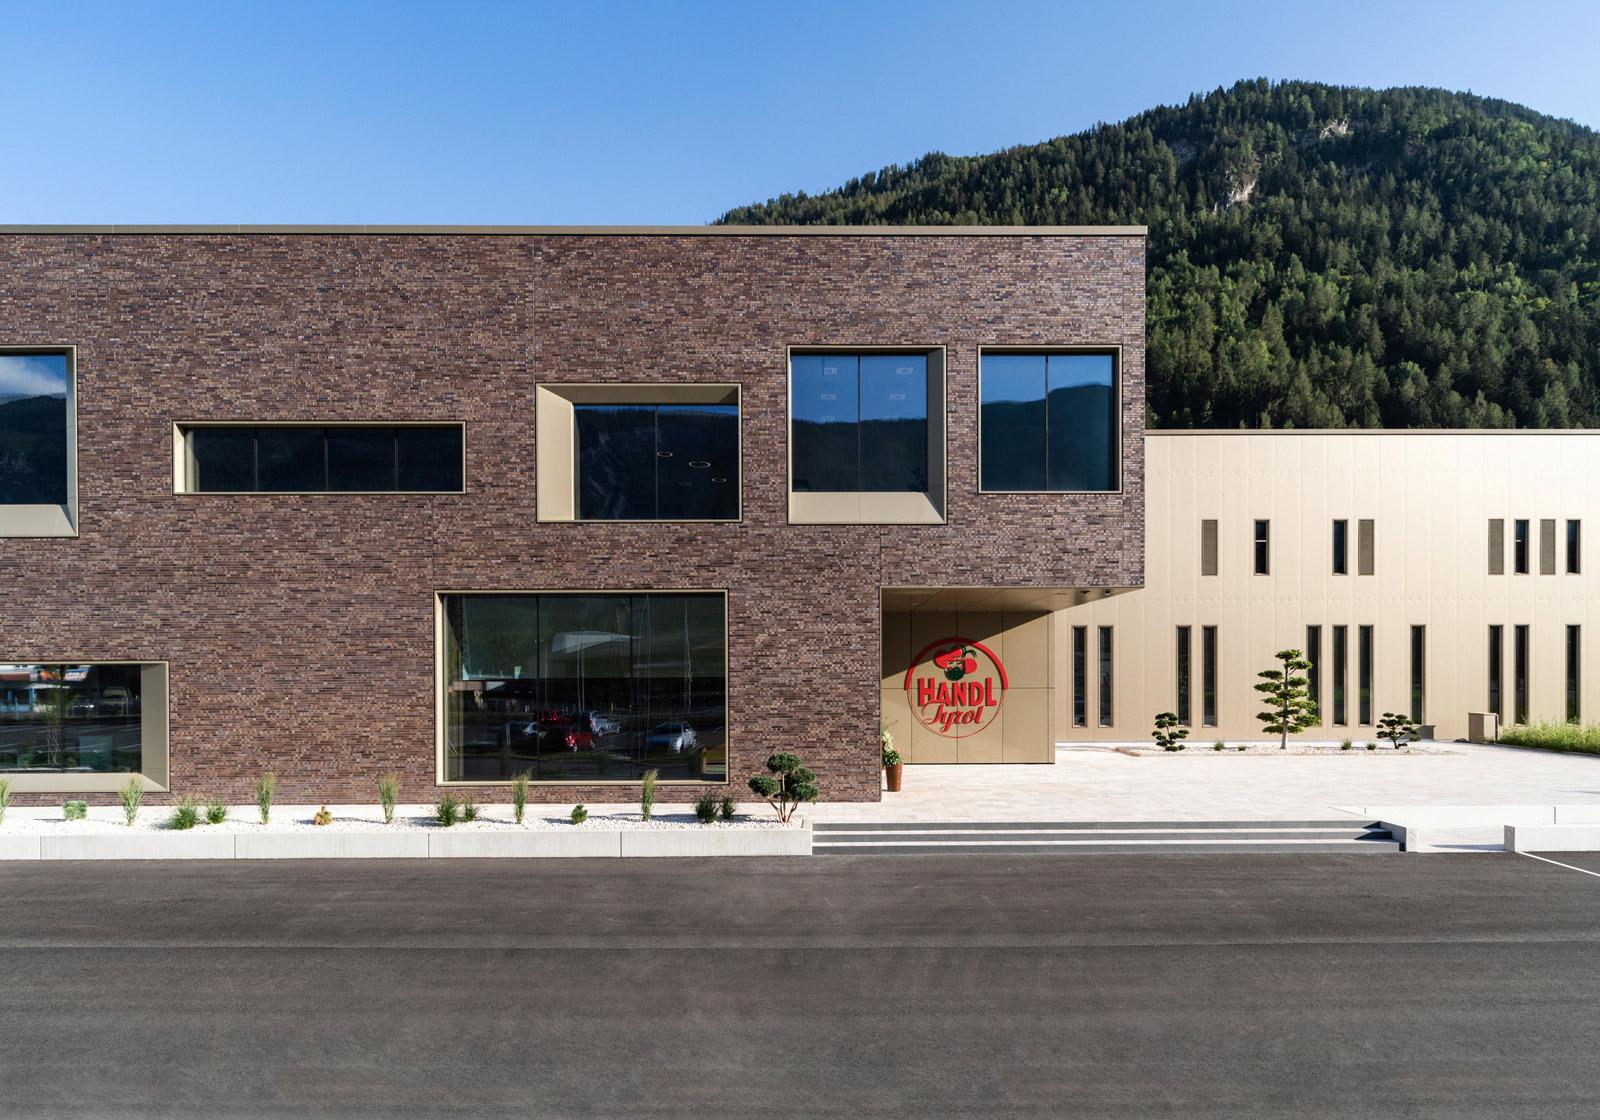 Handl Tyrol Speckproduktion ist Fabrik des Jahres 2020. Foto: ATP/Bause